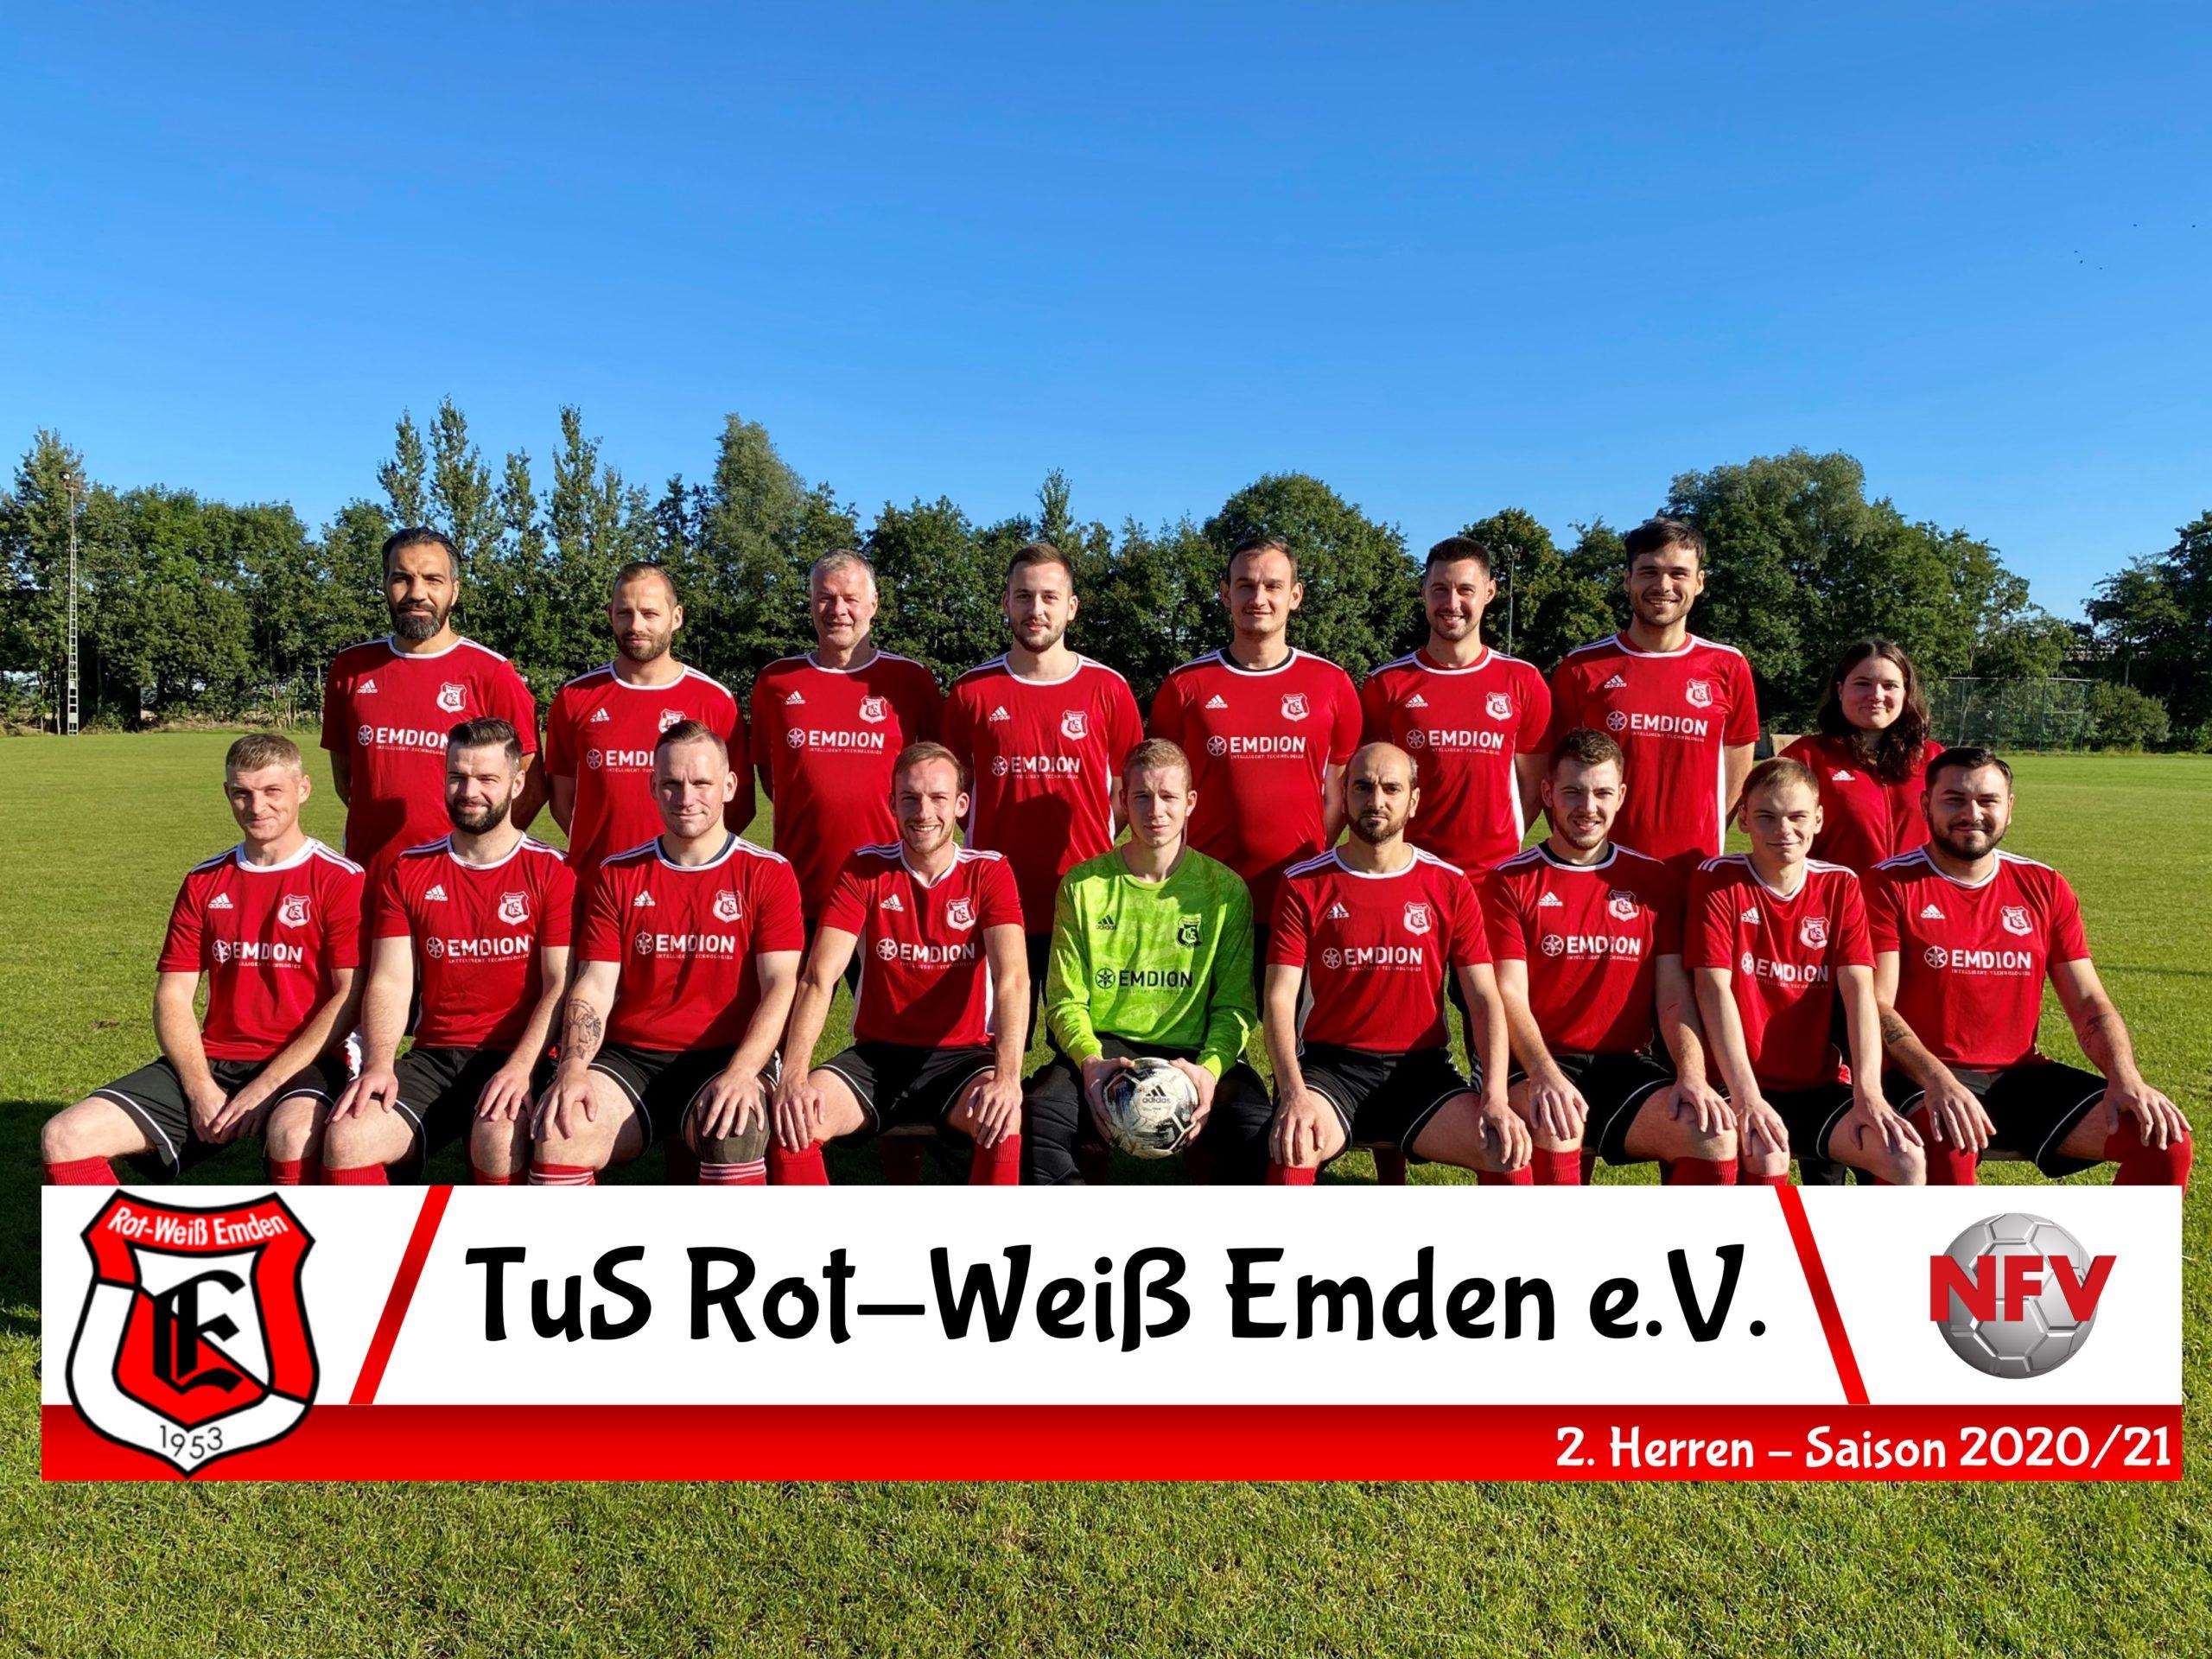 Mannschaftsfoto 2. Herren TuS Rot-Weiß Emden Saison 20/21